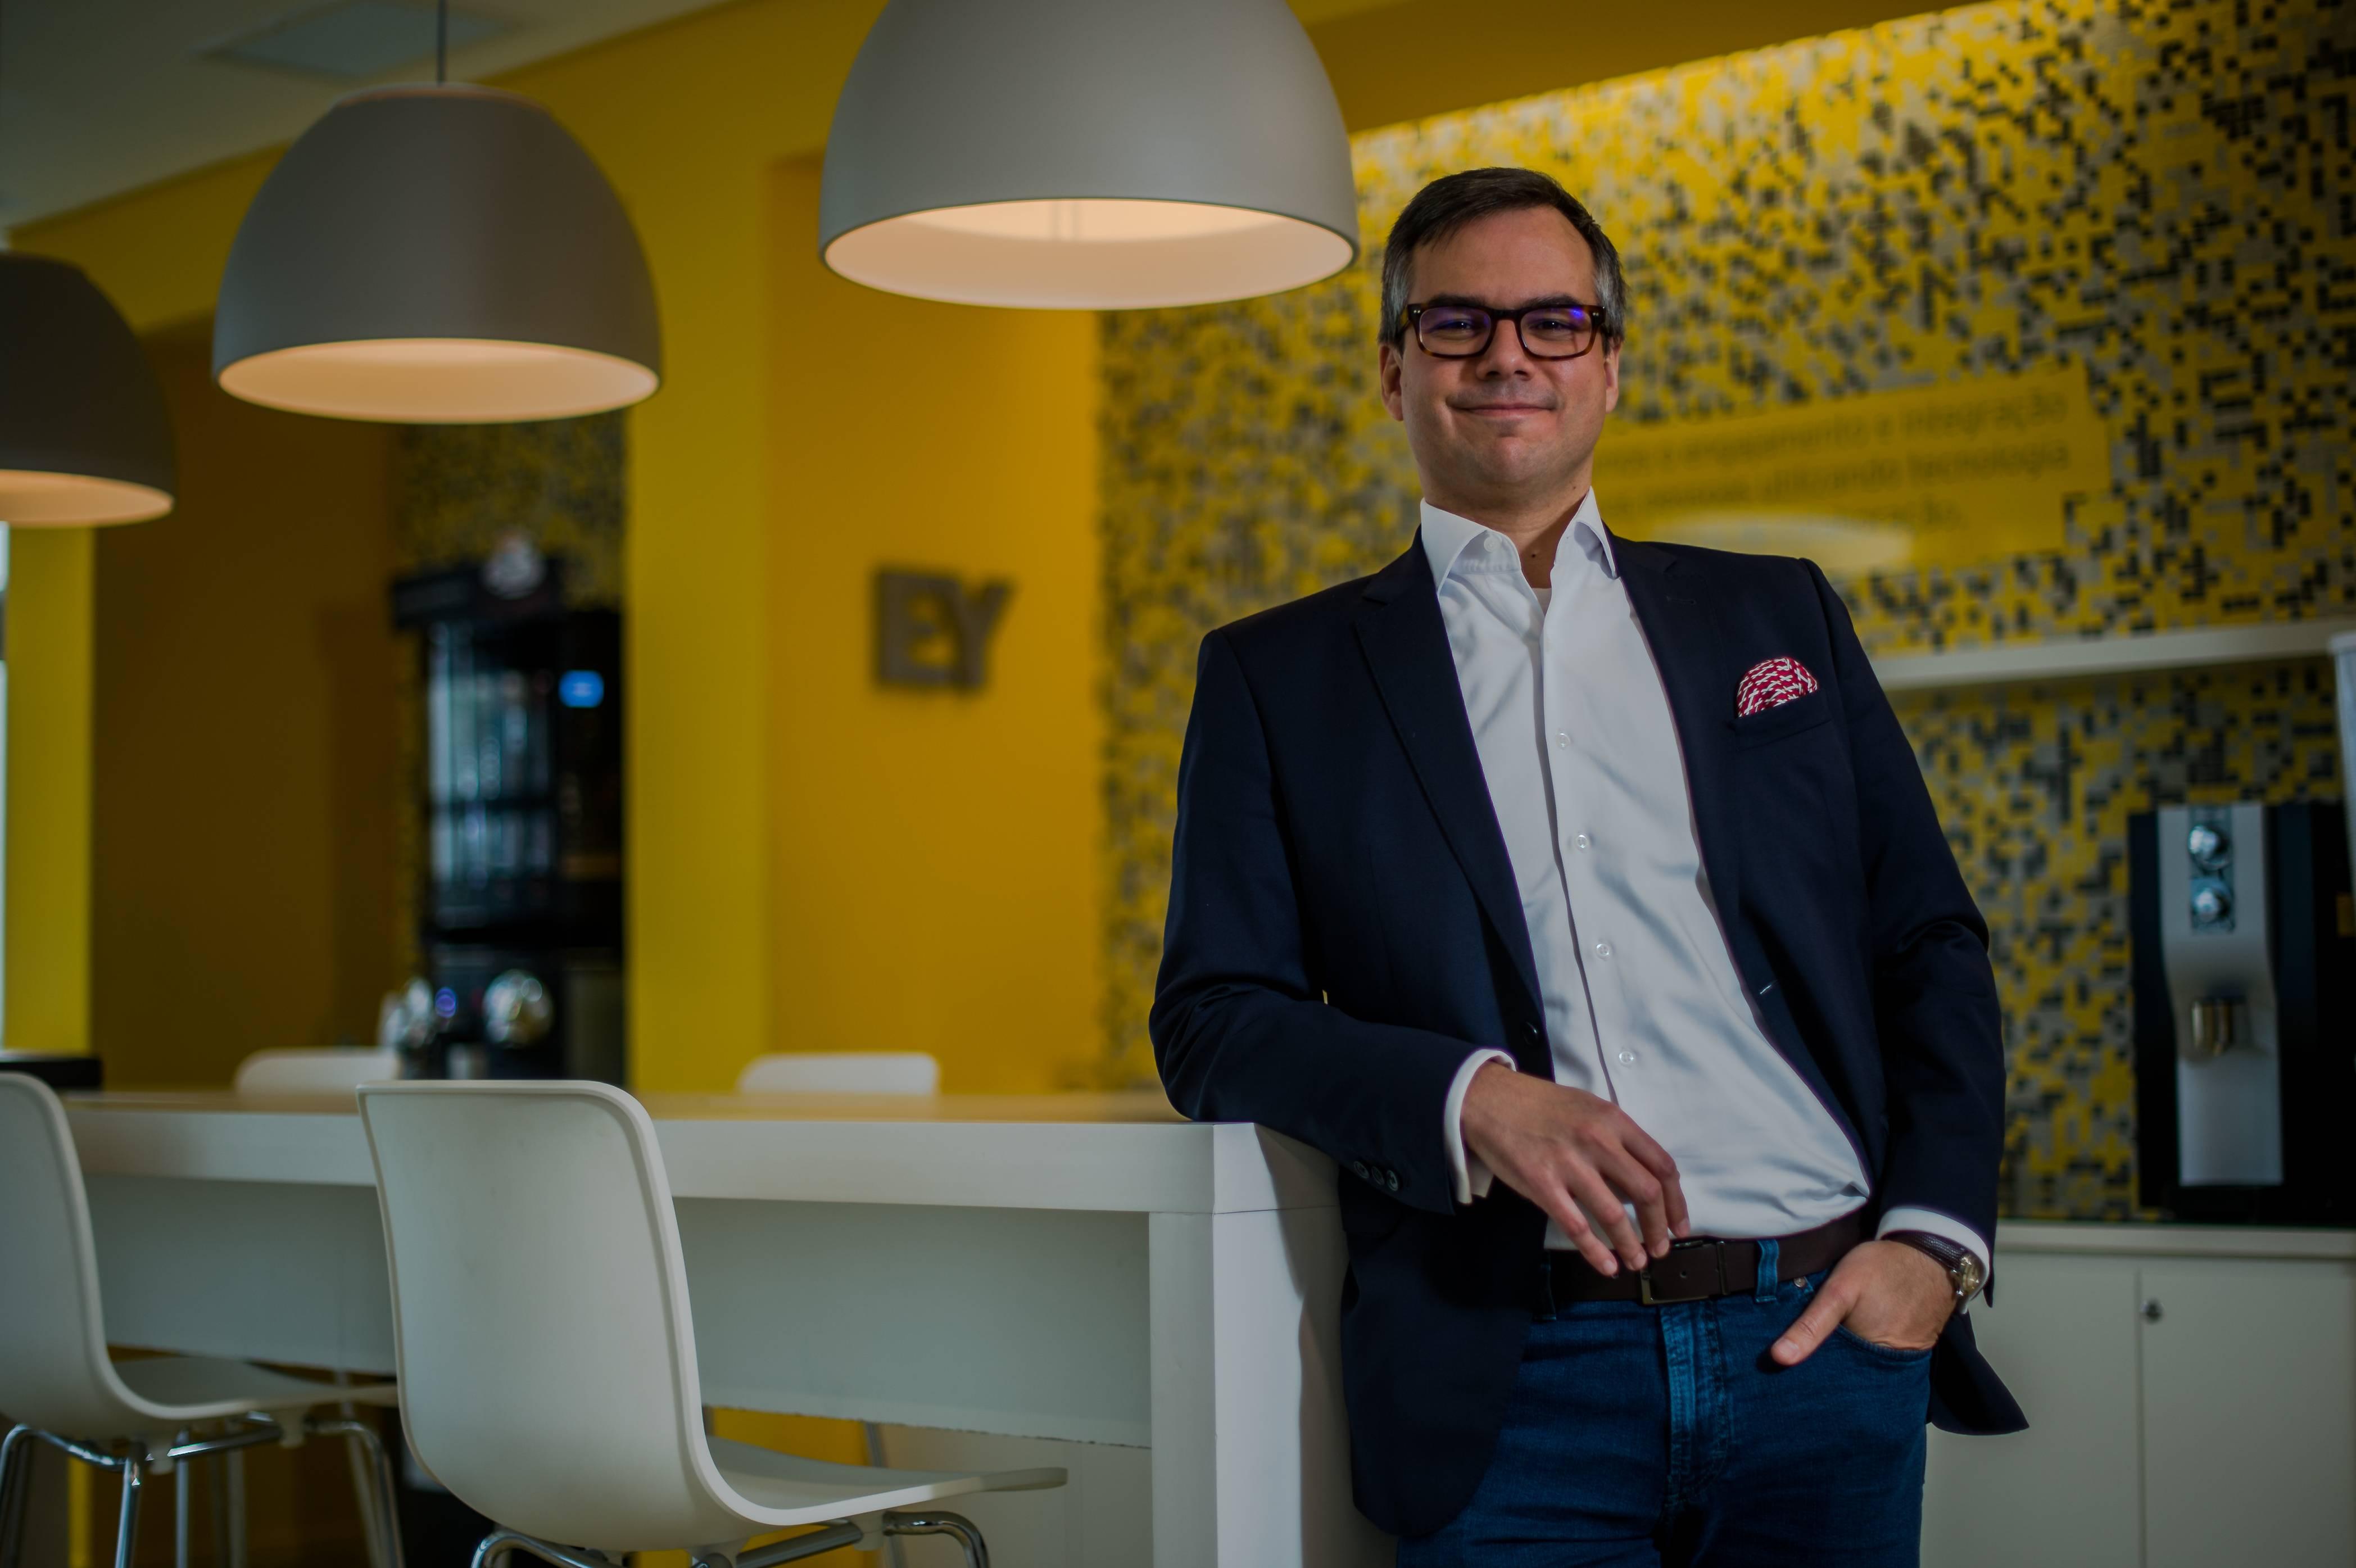 Denis Balaguer, diretor de inovação da EY. Foto: Divulgação